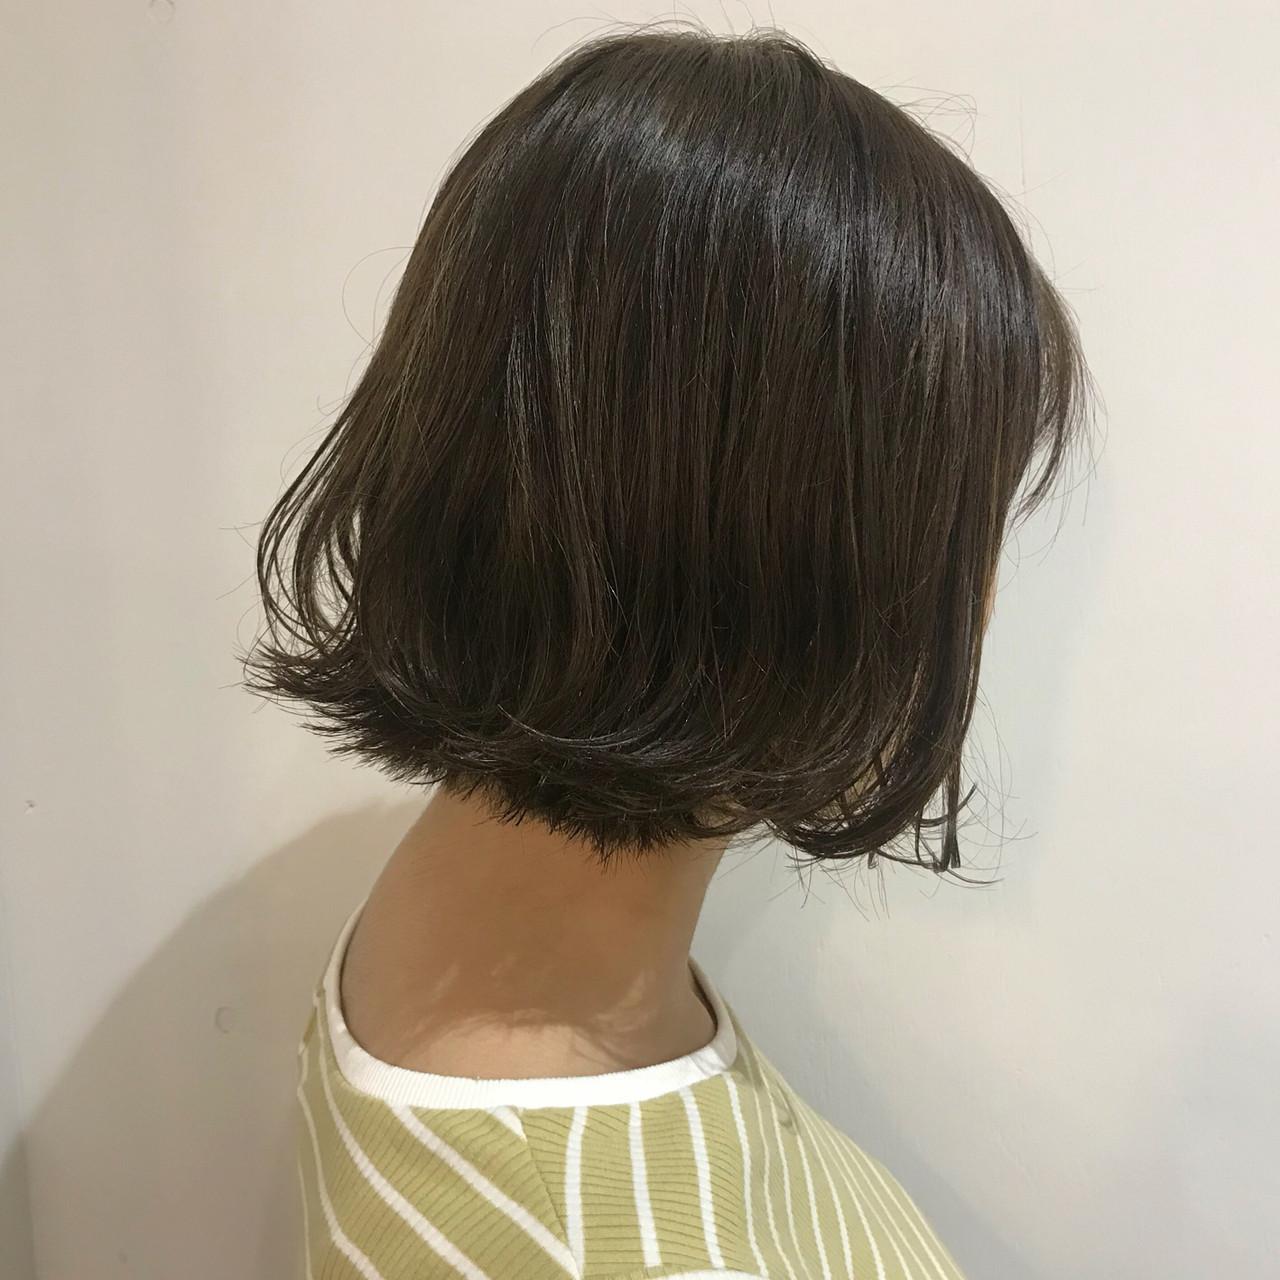 グラデーションカラー ストリート オリーブアッシュ アッシュグラデーション ヘアスタイルや髪型の写真・画像